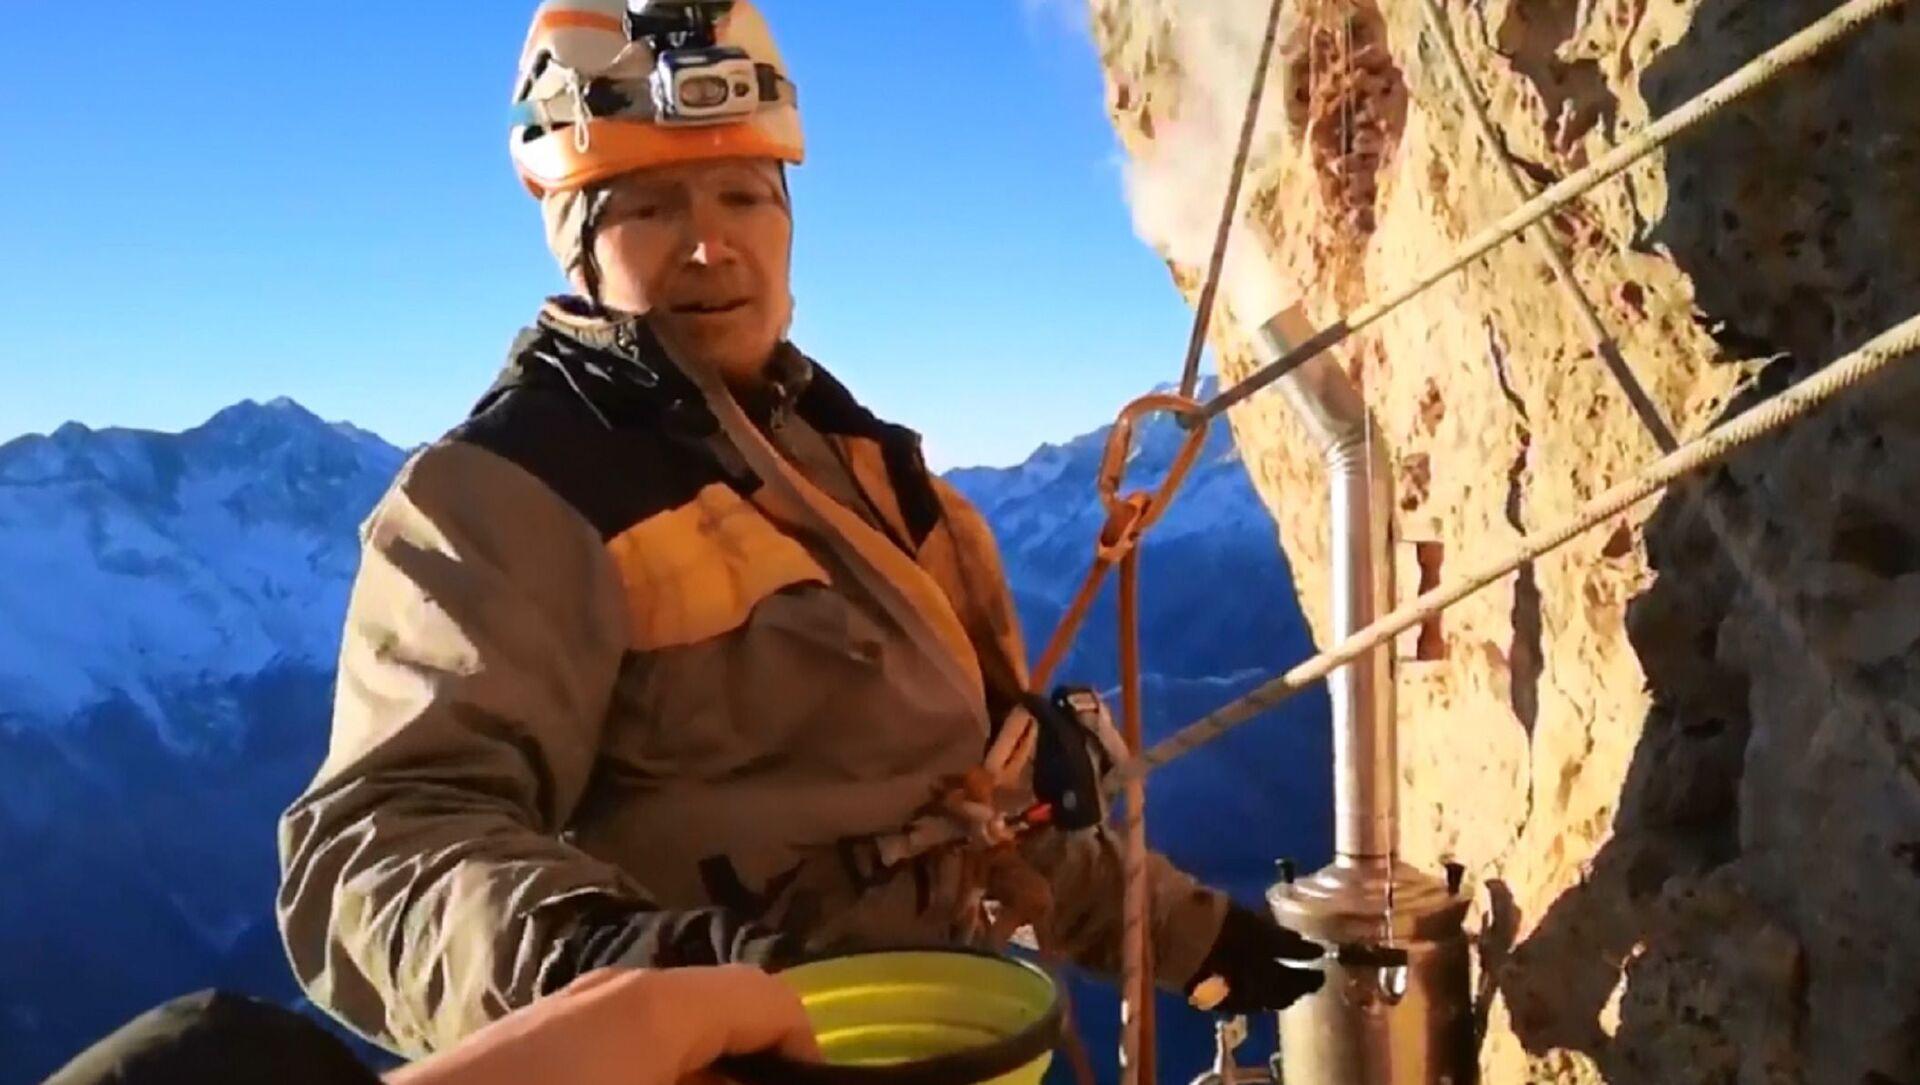 Tè in altura: alpinisti russi preparano tè trovandosi sulla roccia - Sputnik Italia, 1920, 05.03.2021